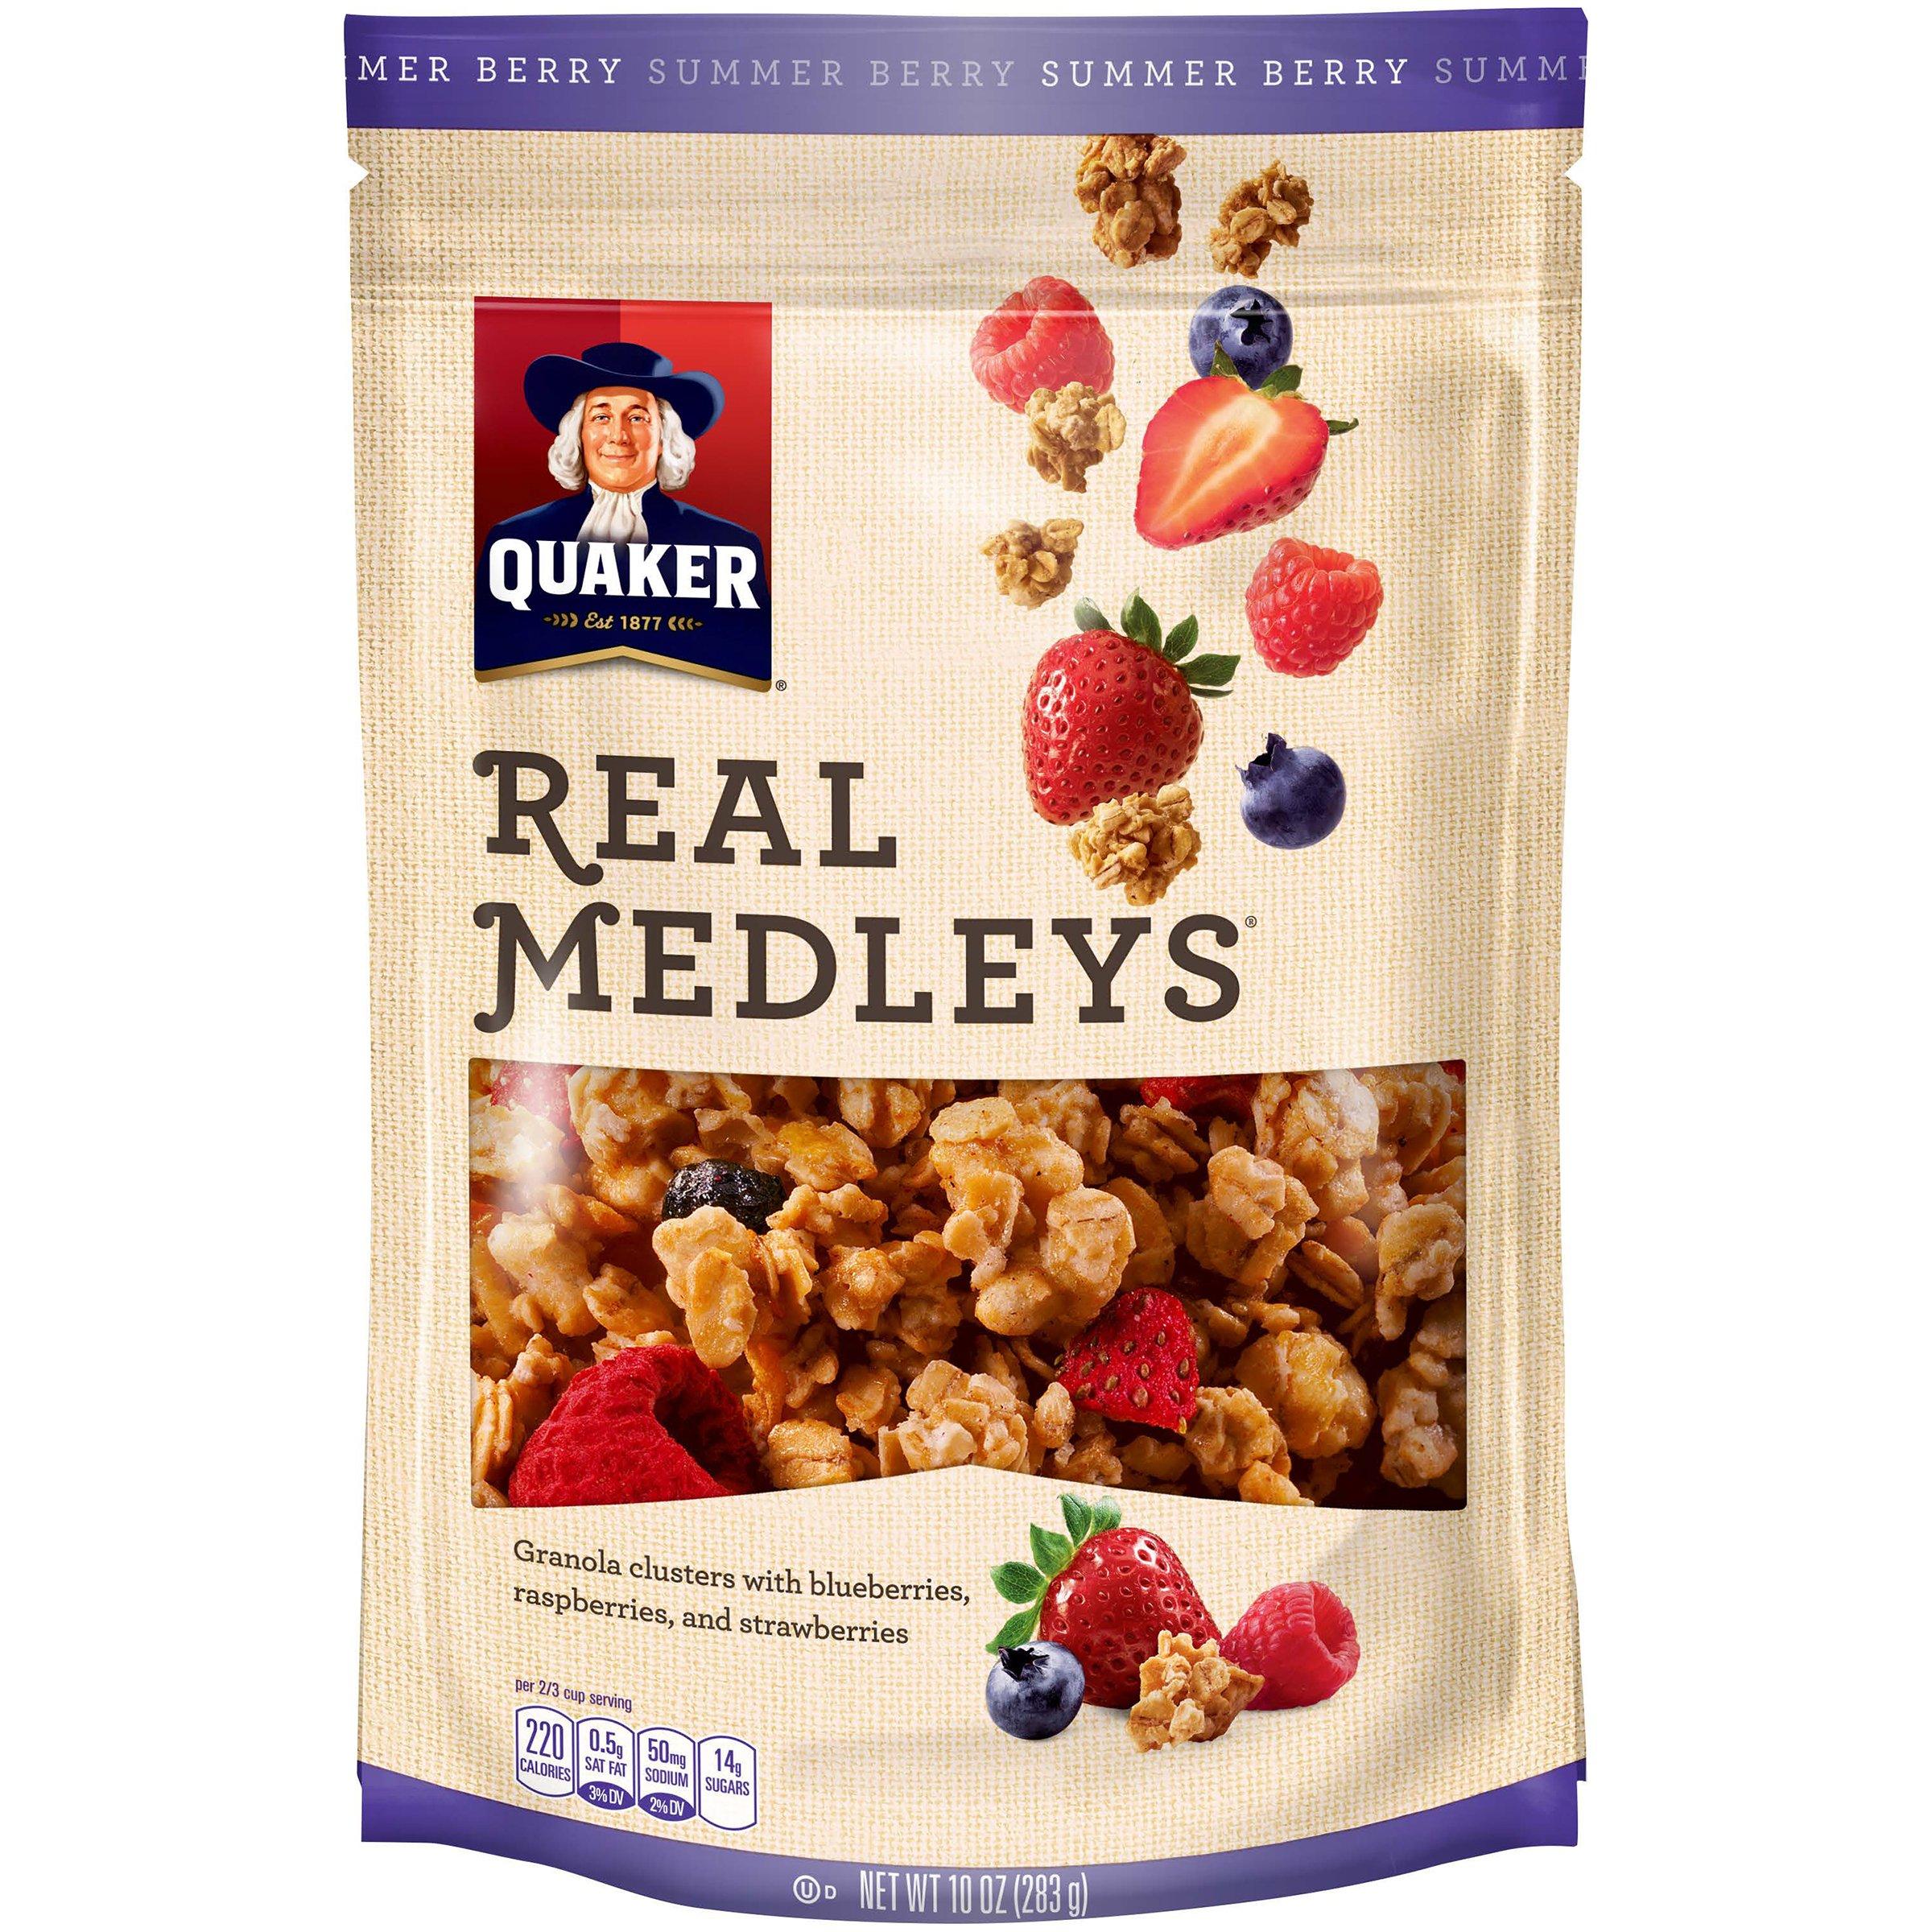 Quaker Real Medleys Granola, Summer Berry, 10 oz Bag